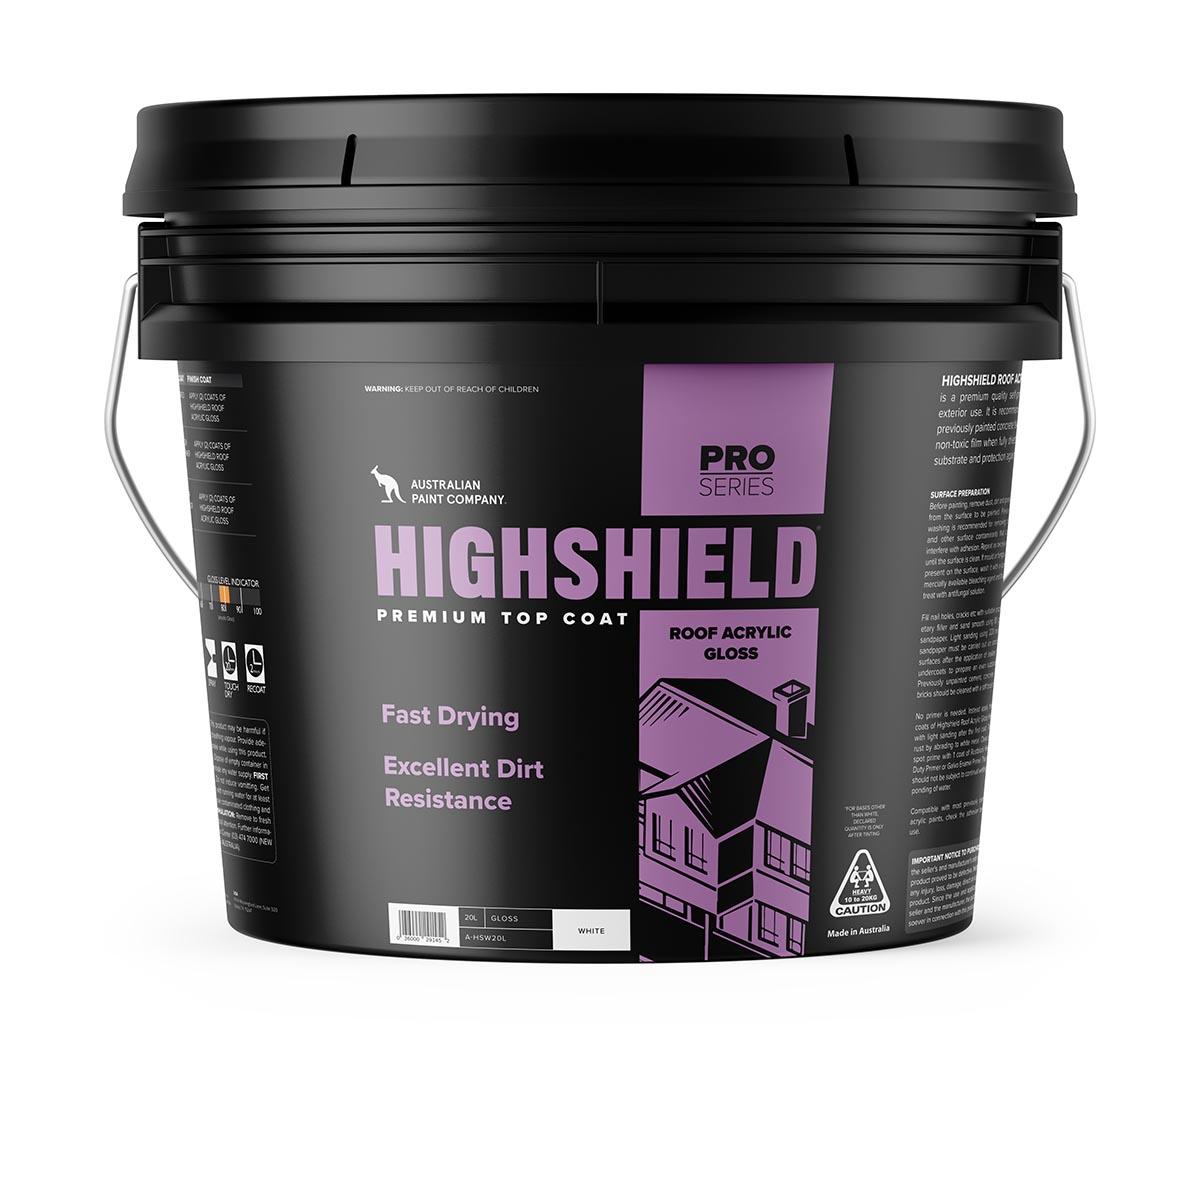 Highshield premium top coat